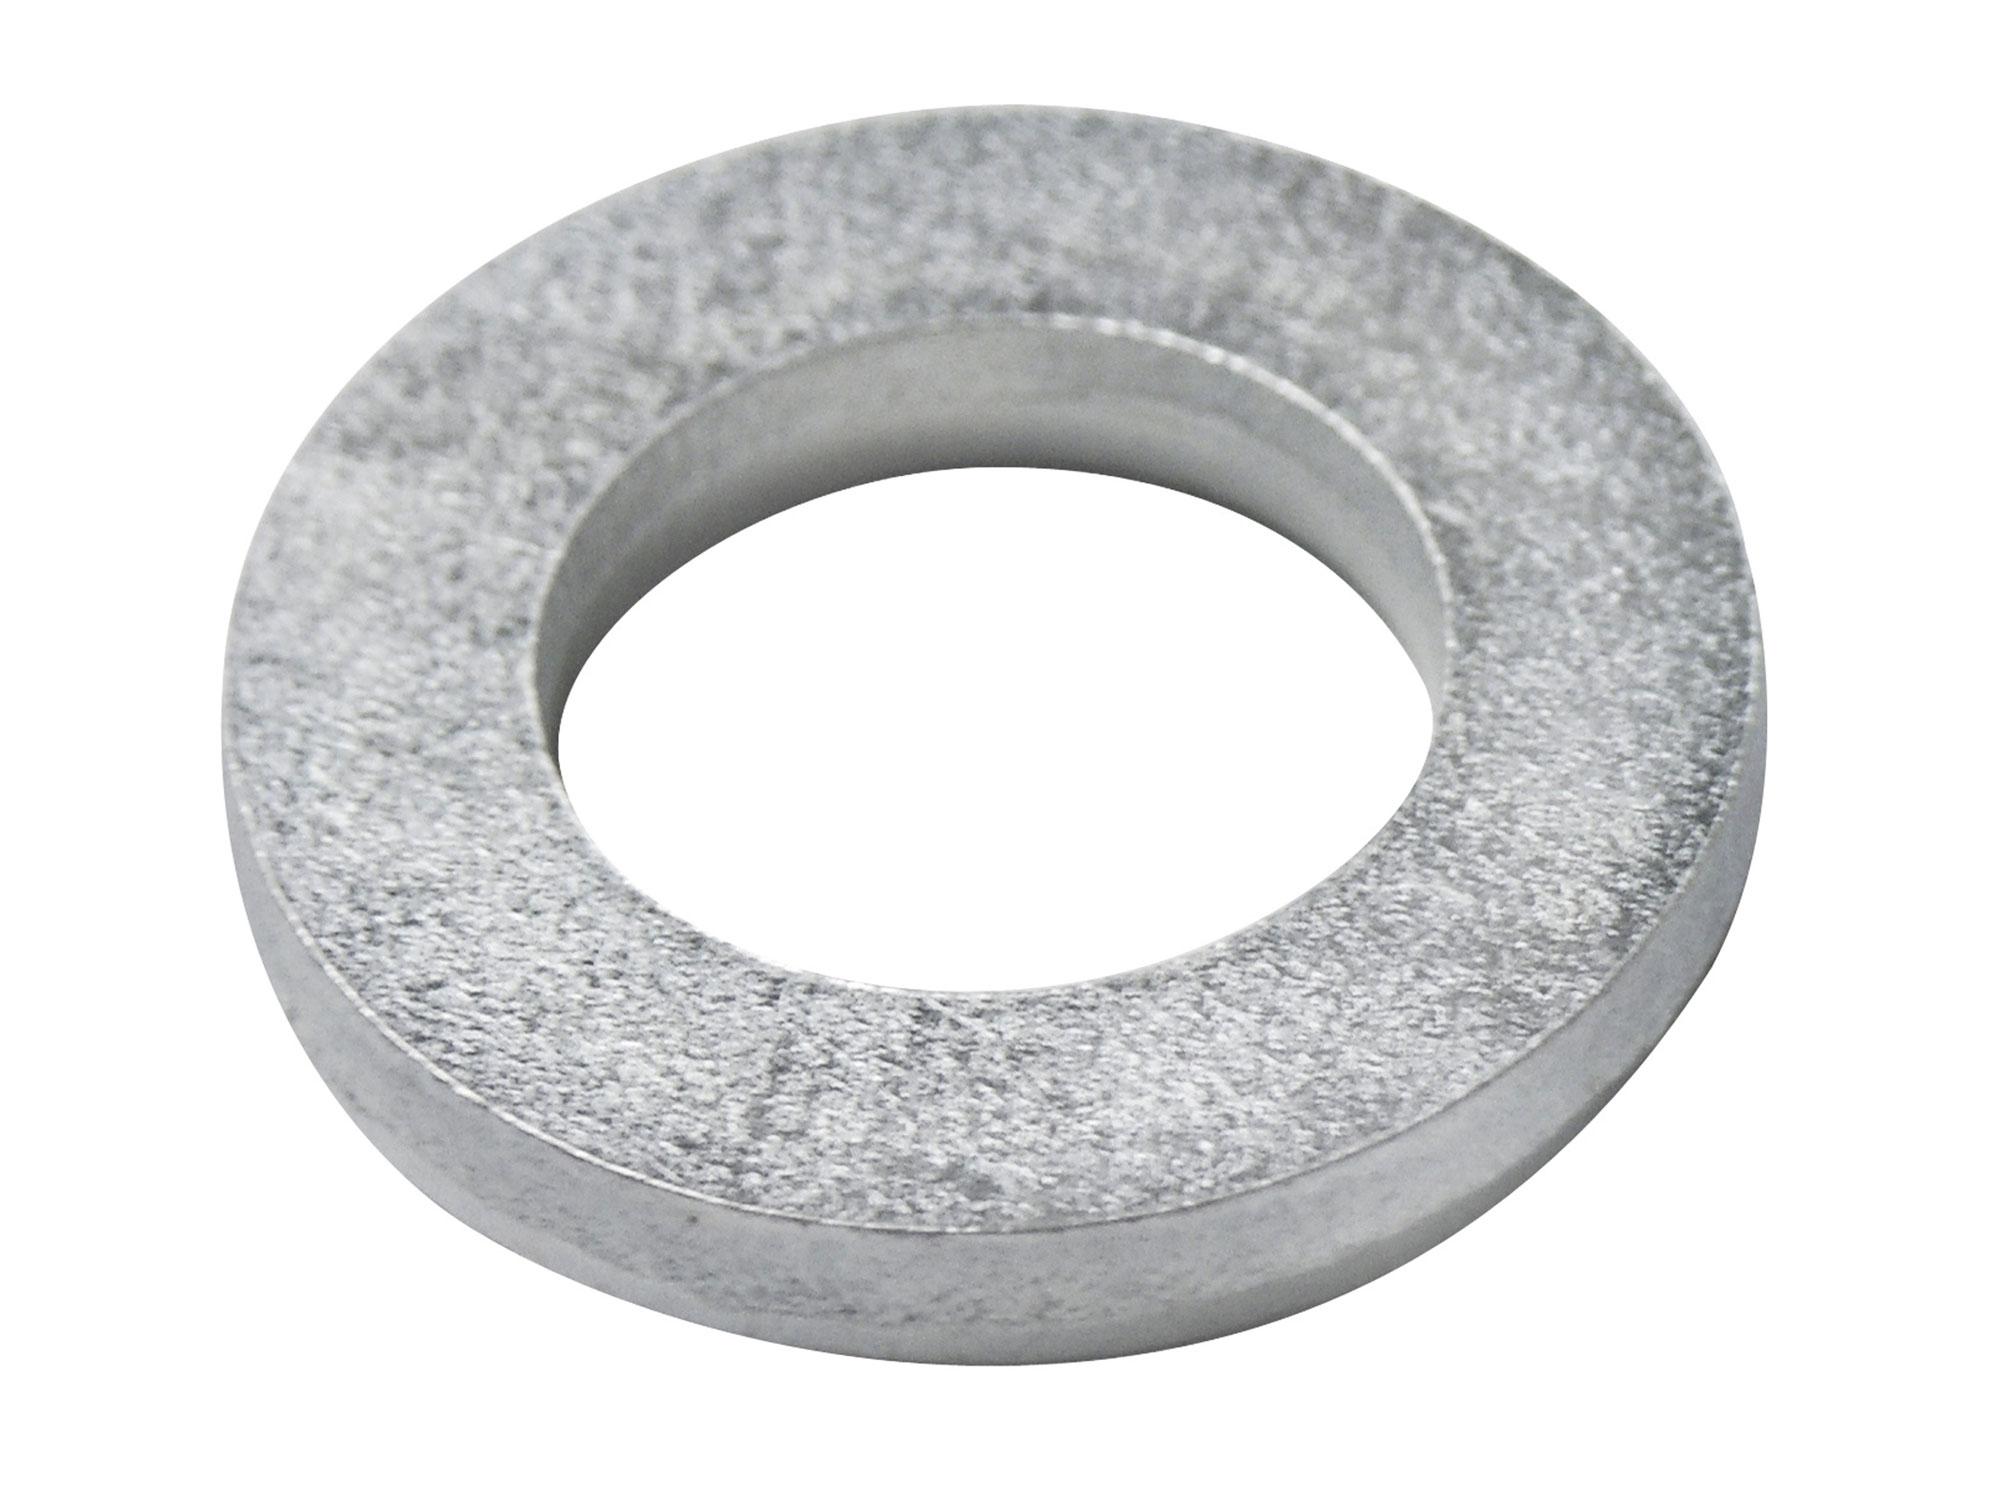 kroužek vkládací, 30x25x2,2mm, 2,2mm, EXTOL PREMIUM 8803290